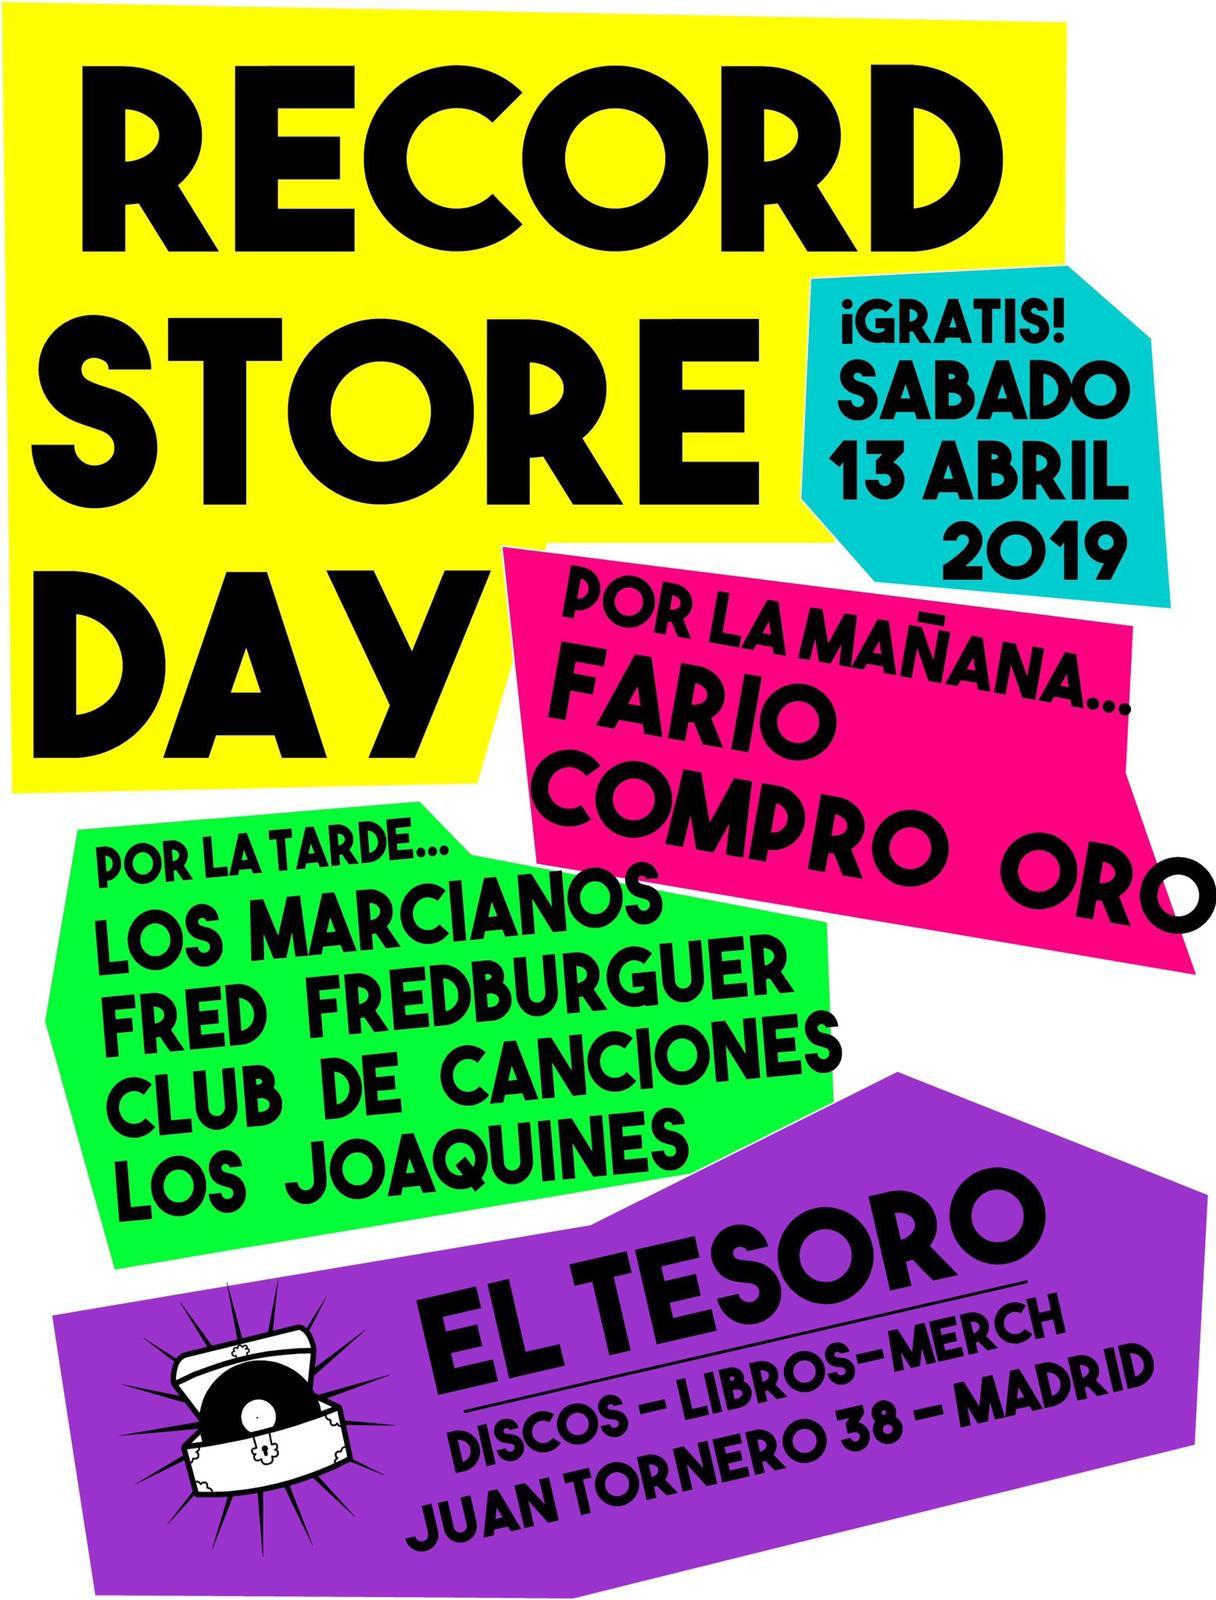 Record Store Day - Discos El Tesoro